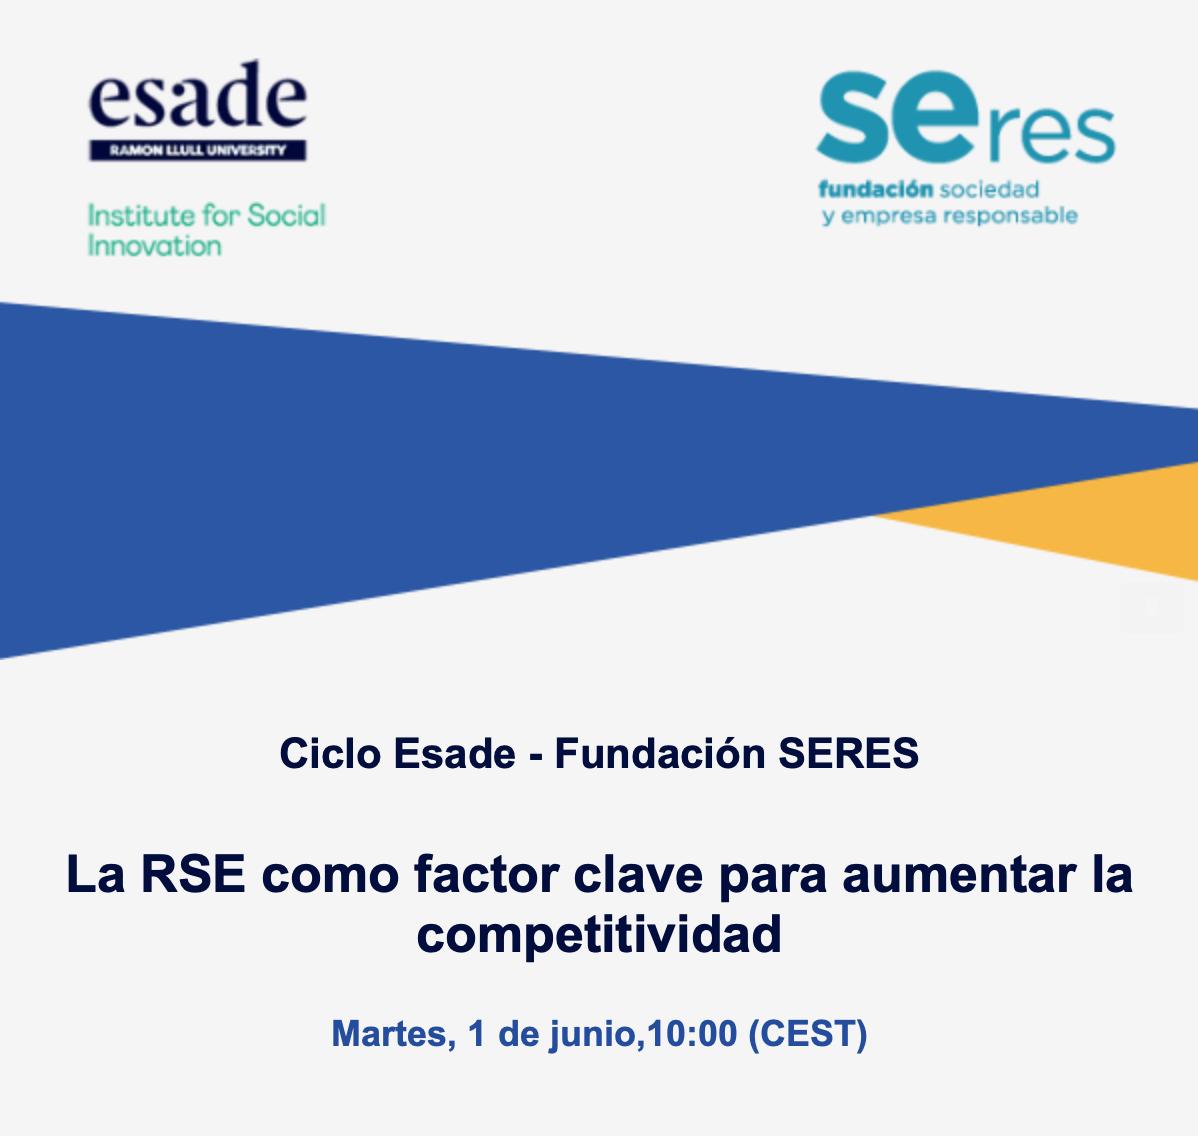 La RSE como factor clave para aumentar la competitividad